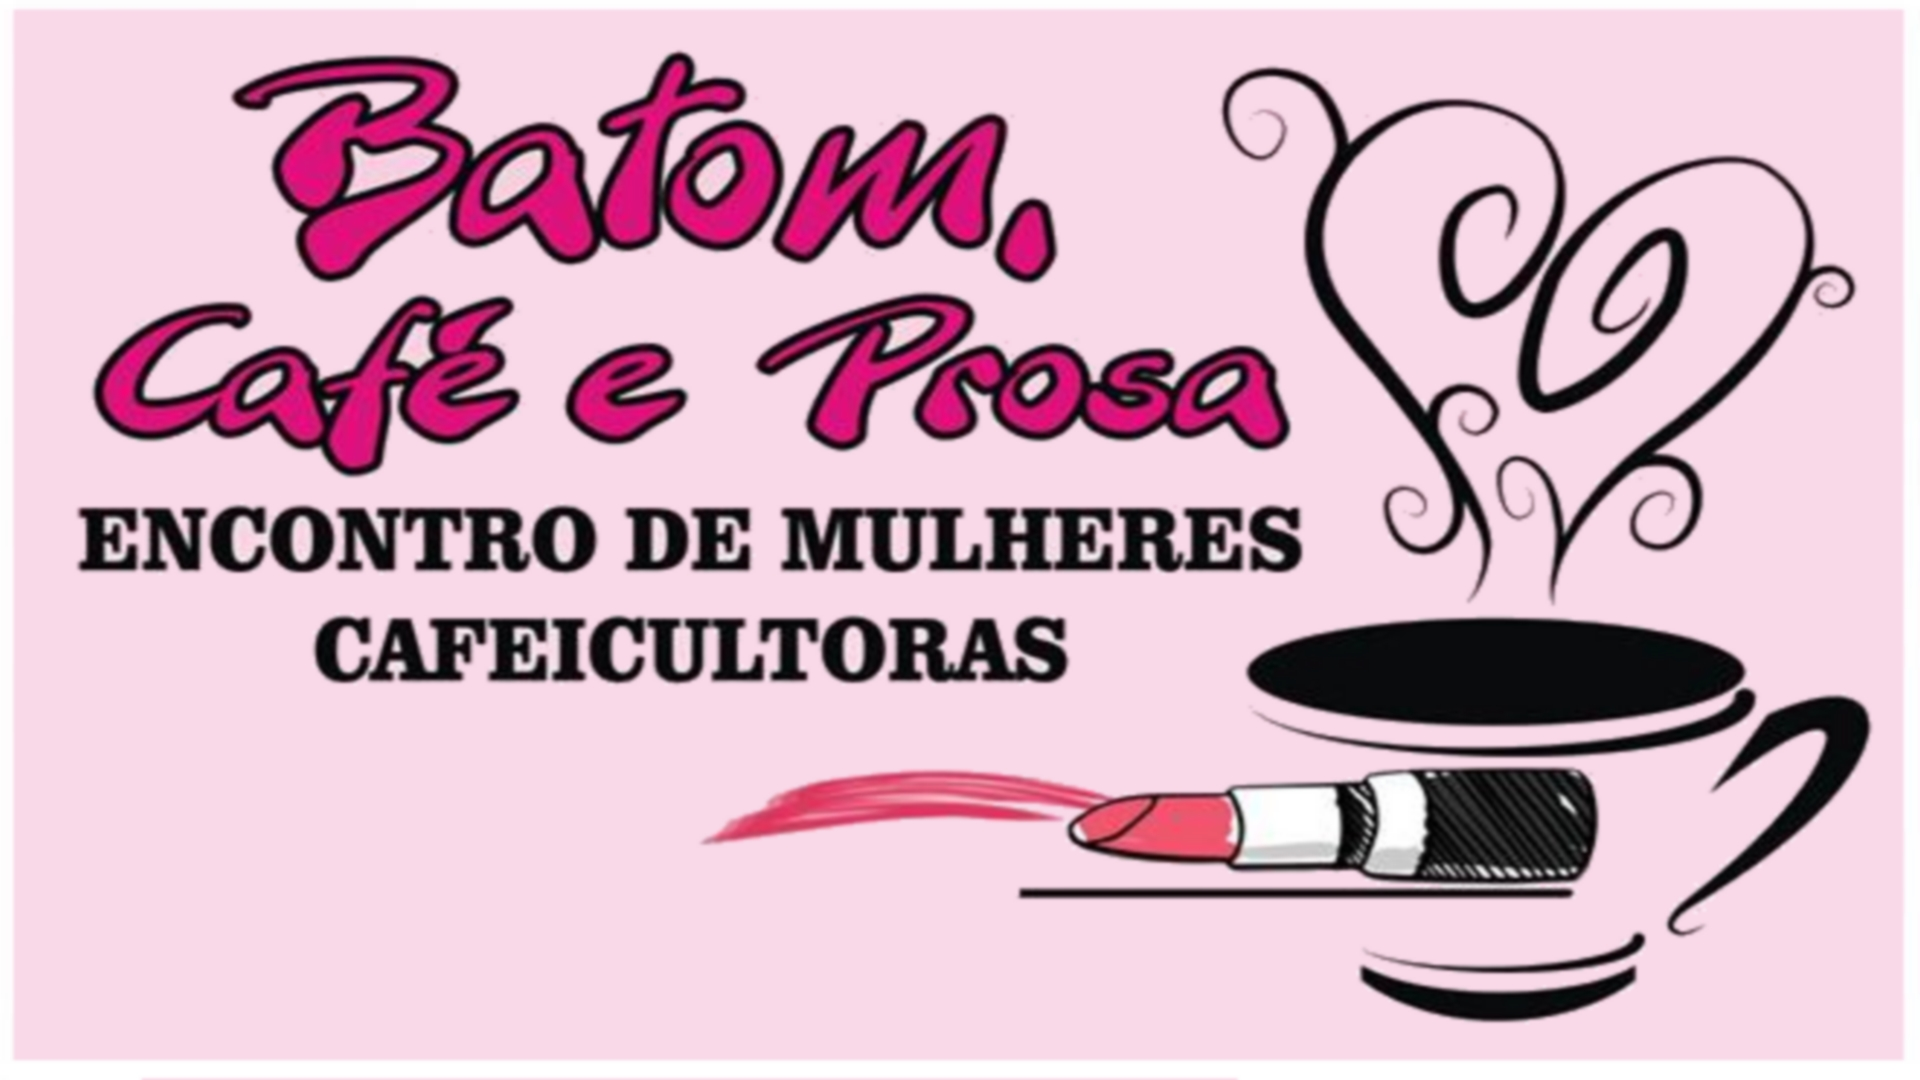 ATENÇÃO MULHERES CAFEICULTORAS !! SENAR ESTARÁ PROMOVENDO UM ENCONTRO COM VOCÊS.